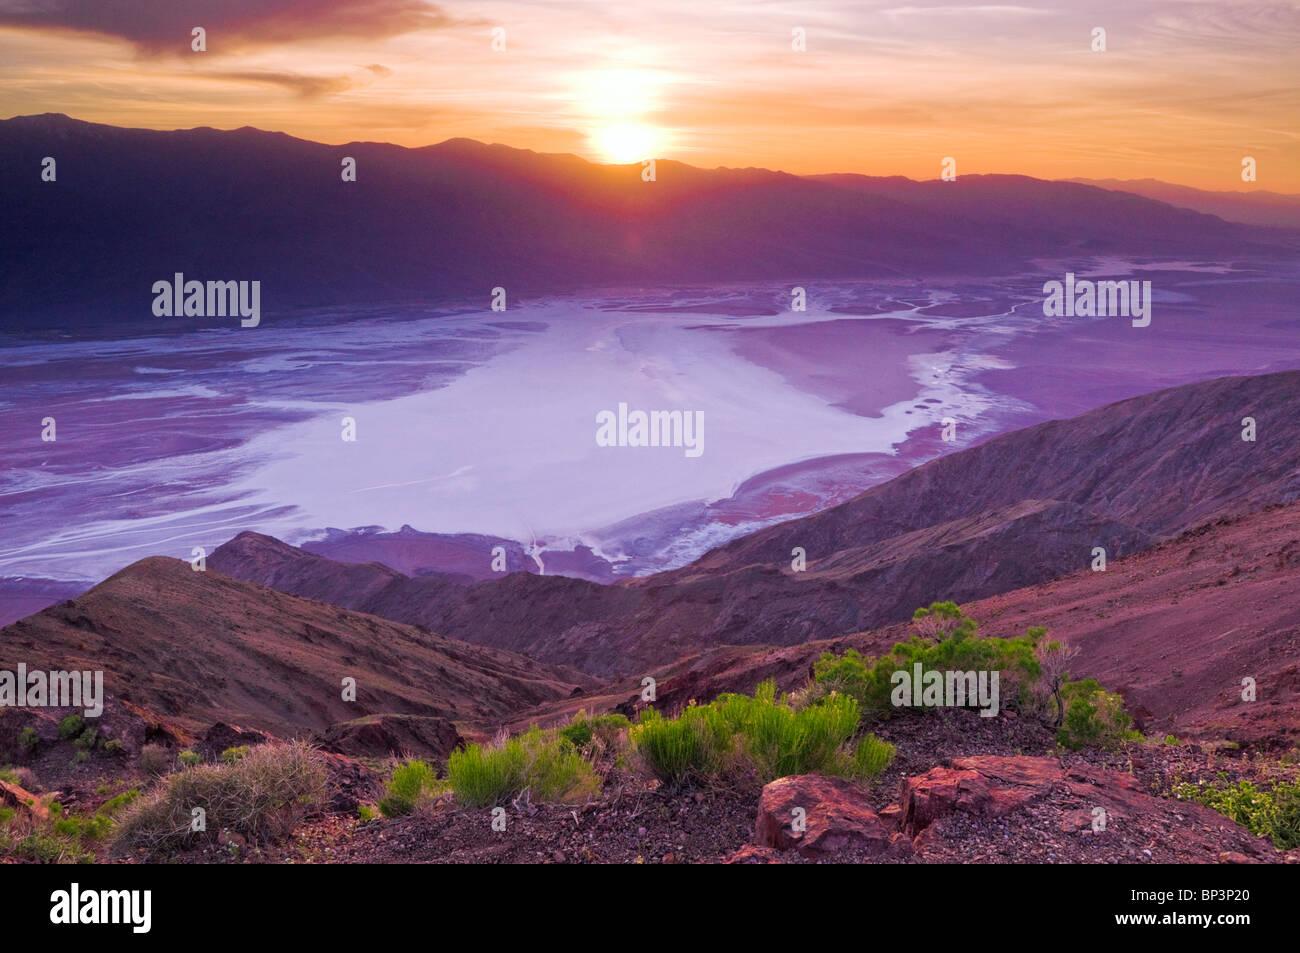 Sonnenuntergang über Death Valley von Dantes View, Death Valley Nationalpark. California Stockbild